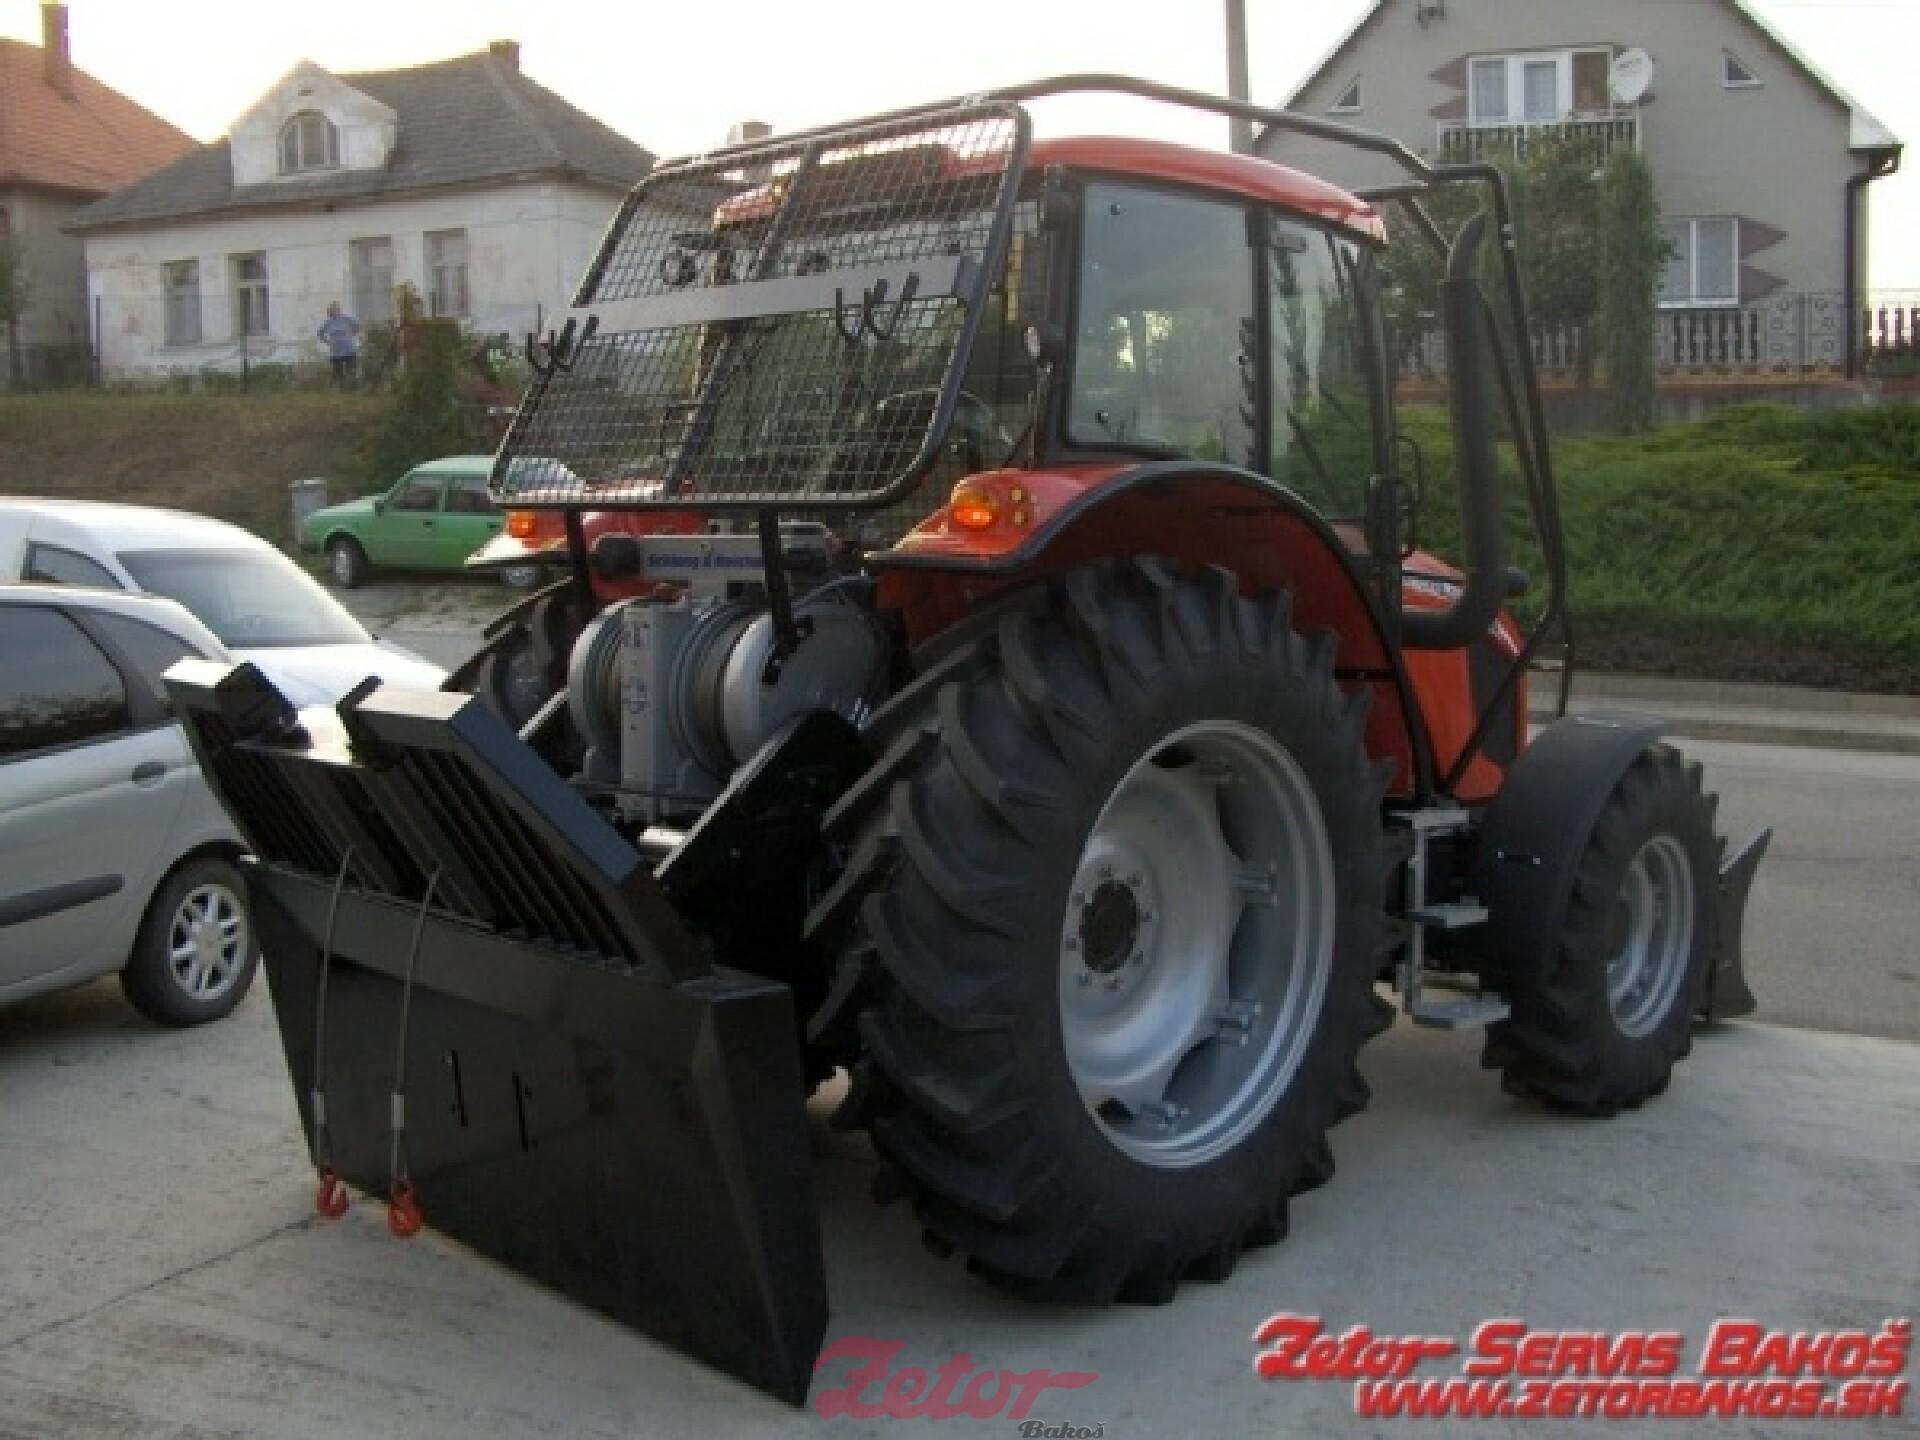 Zetor-bakos-g166